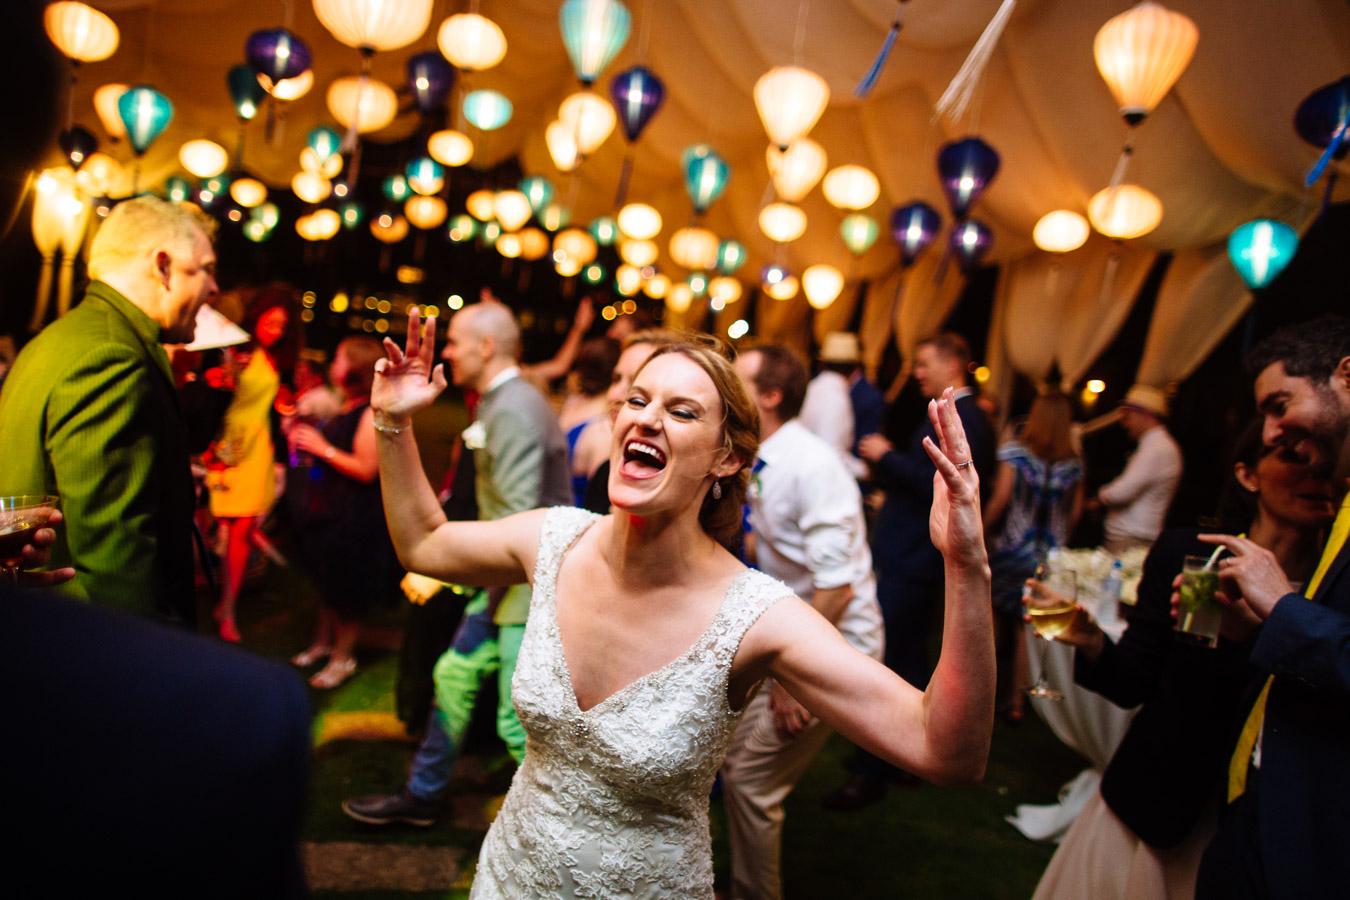 Asia-Beach-Wedding-Receptions-09